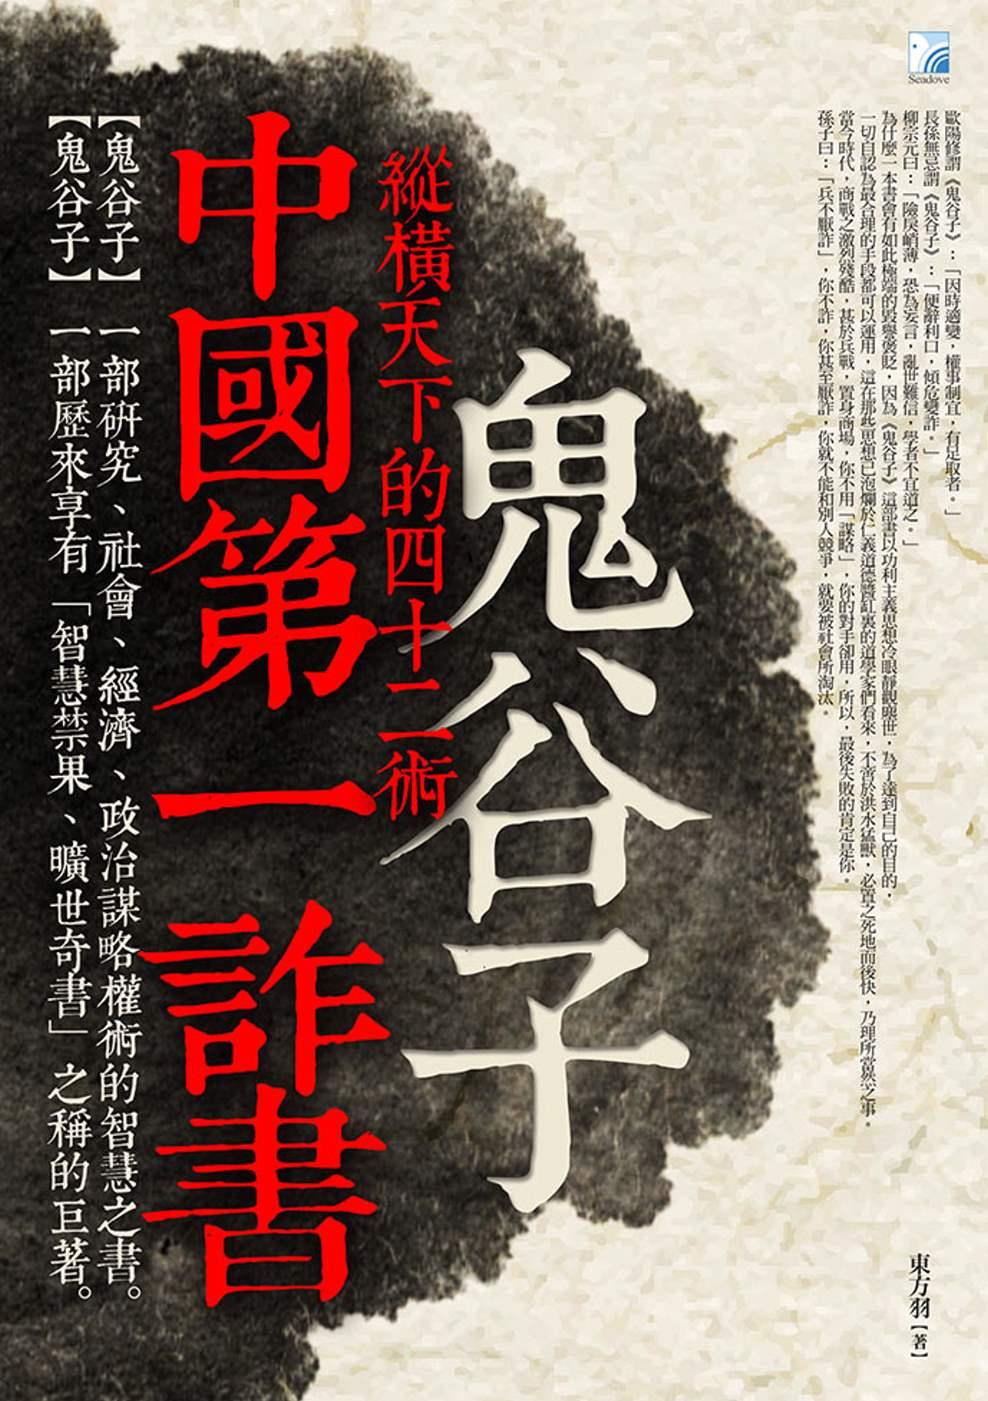 中國第一詐書:鬼谷子